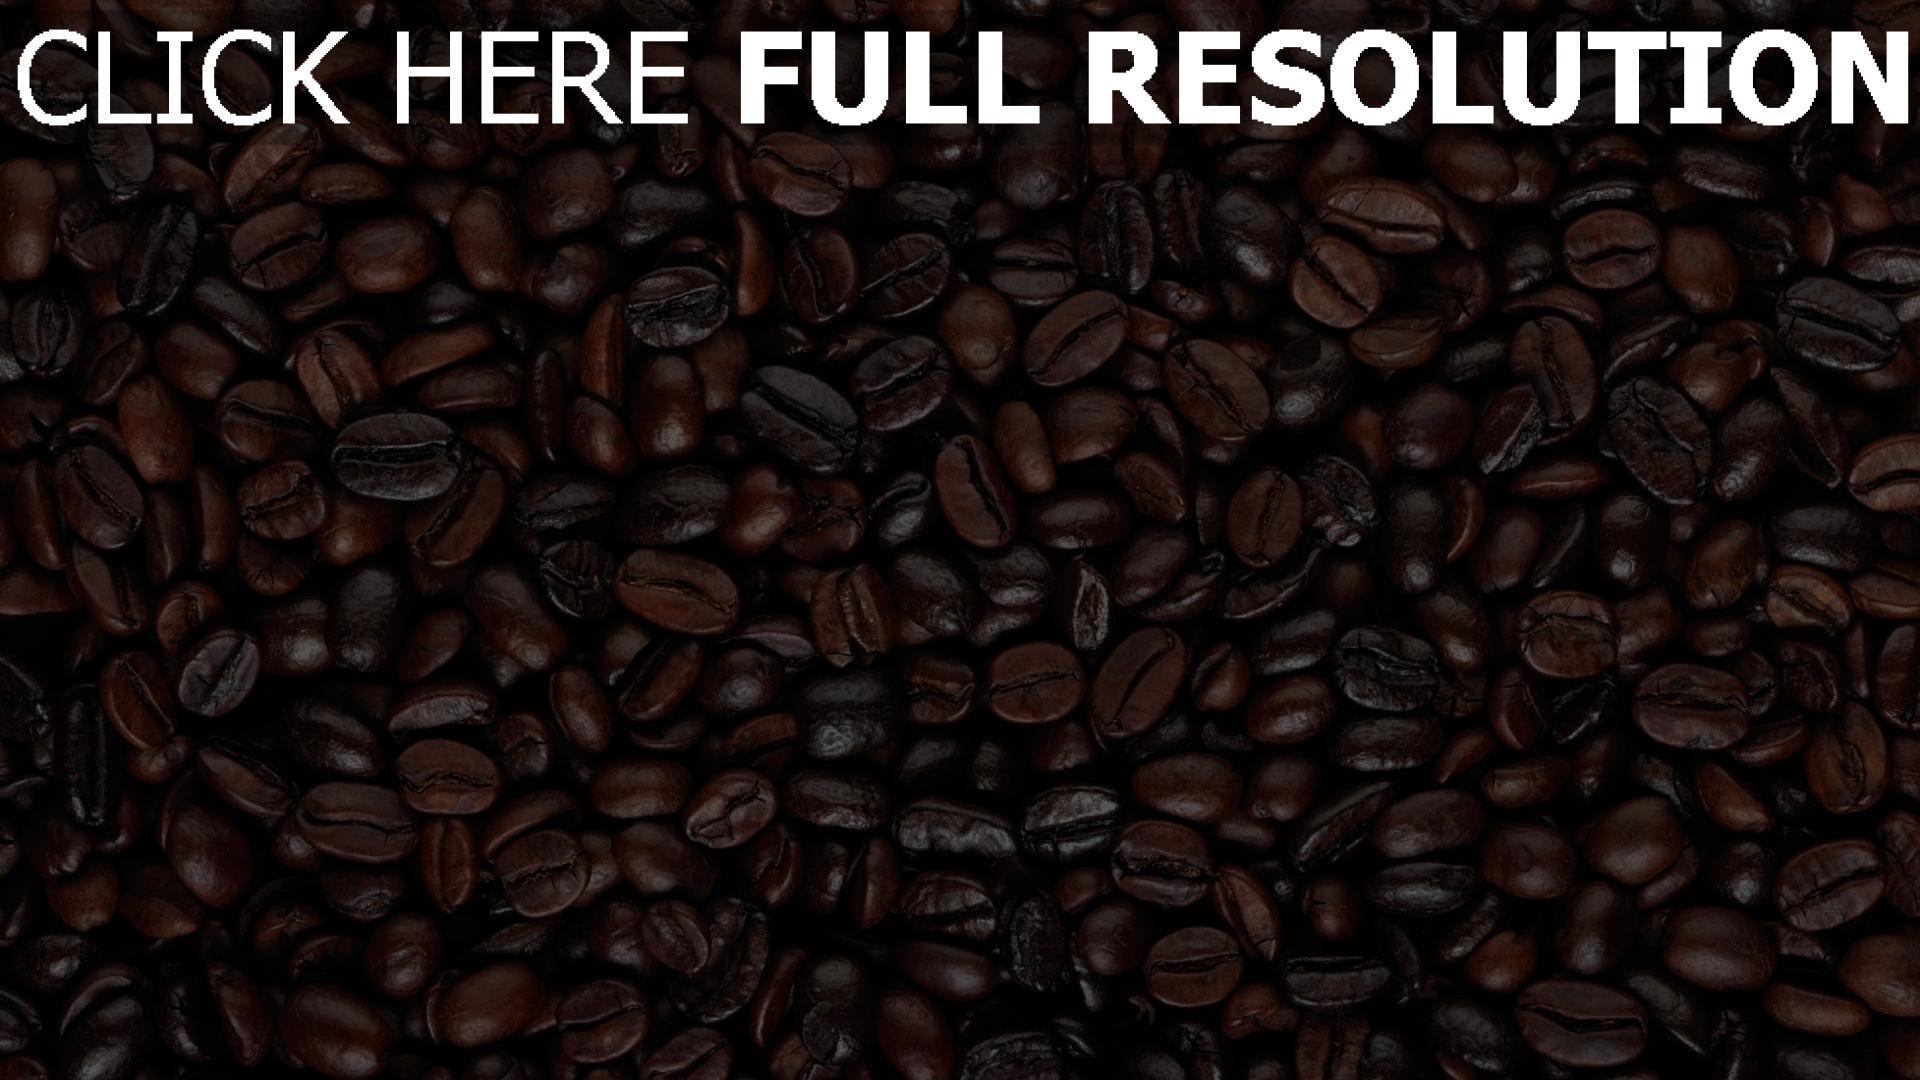 Hd Hintergrundbilder Kaffee K 246 Rner Lose Oberfl 228 Che